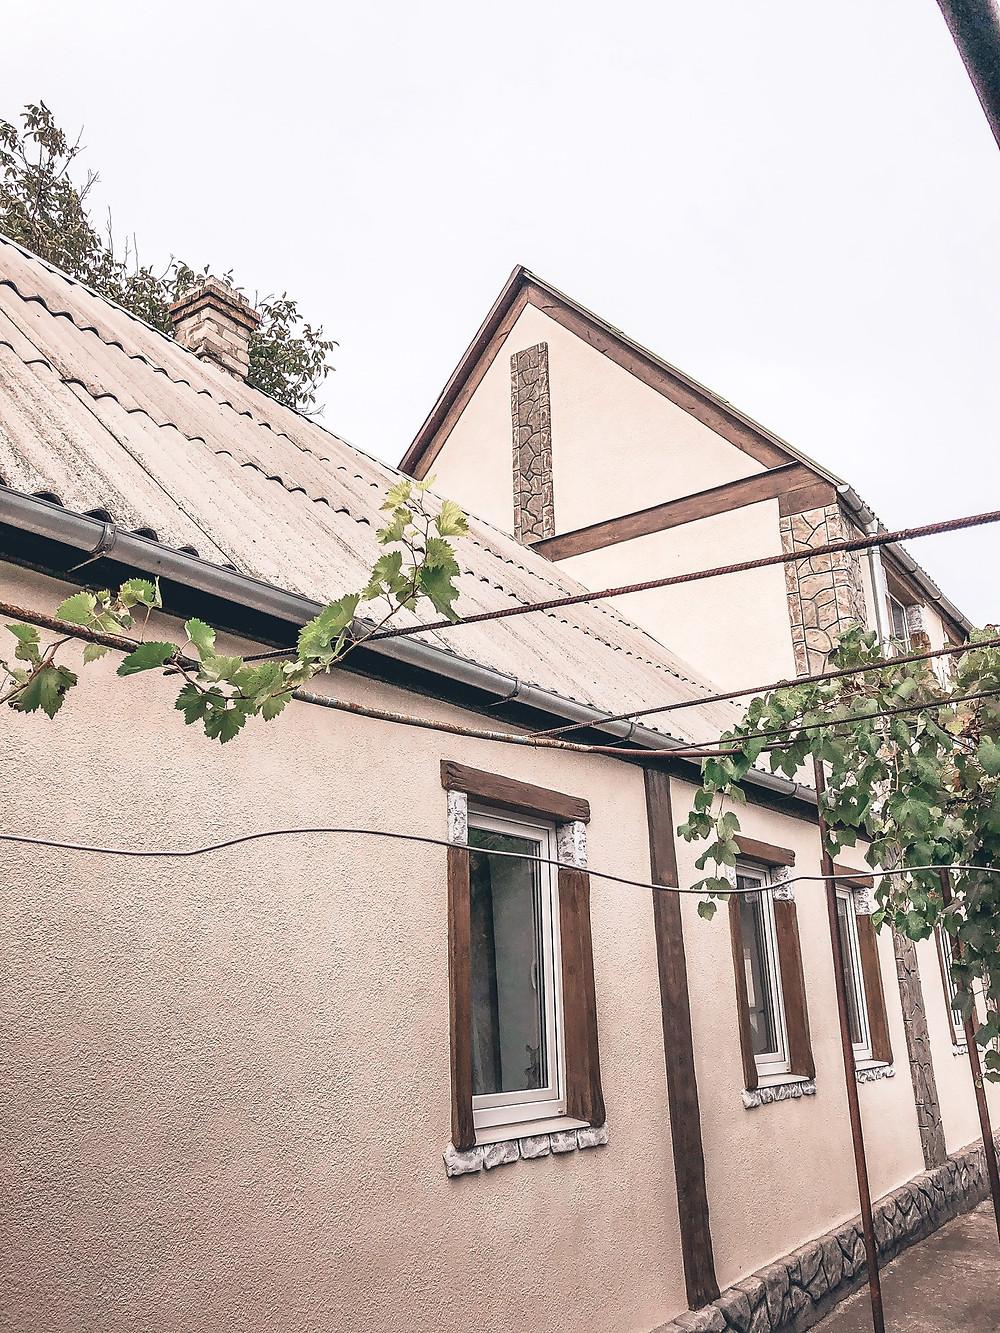 Dyada Oleg and Tyota Elena's dacha - grapes and all!